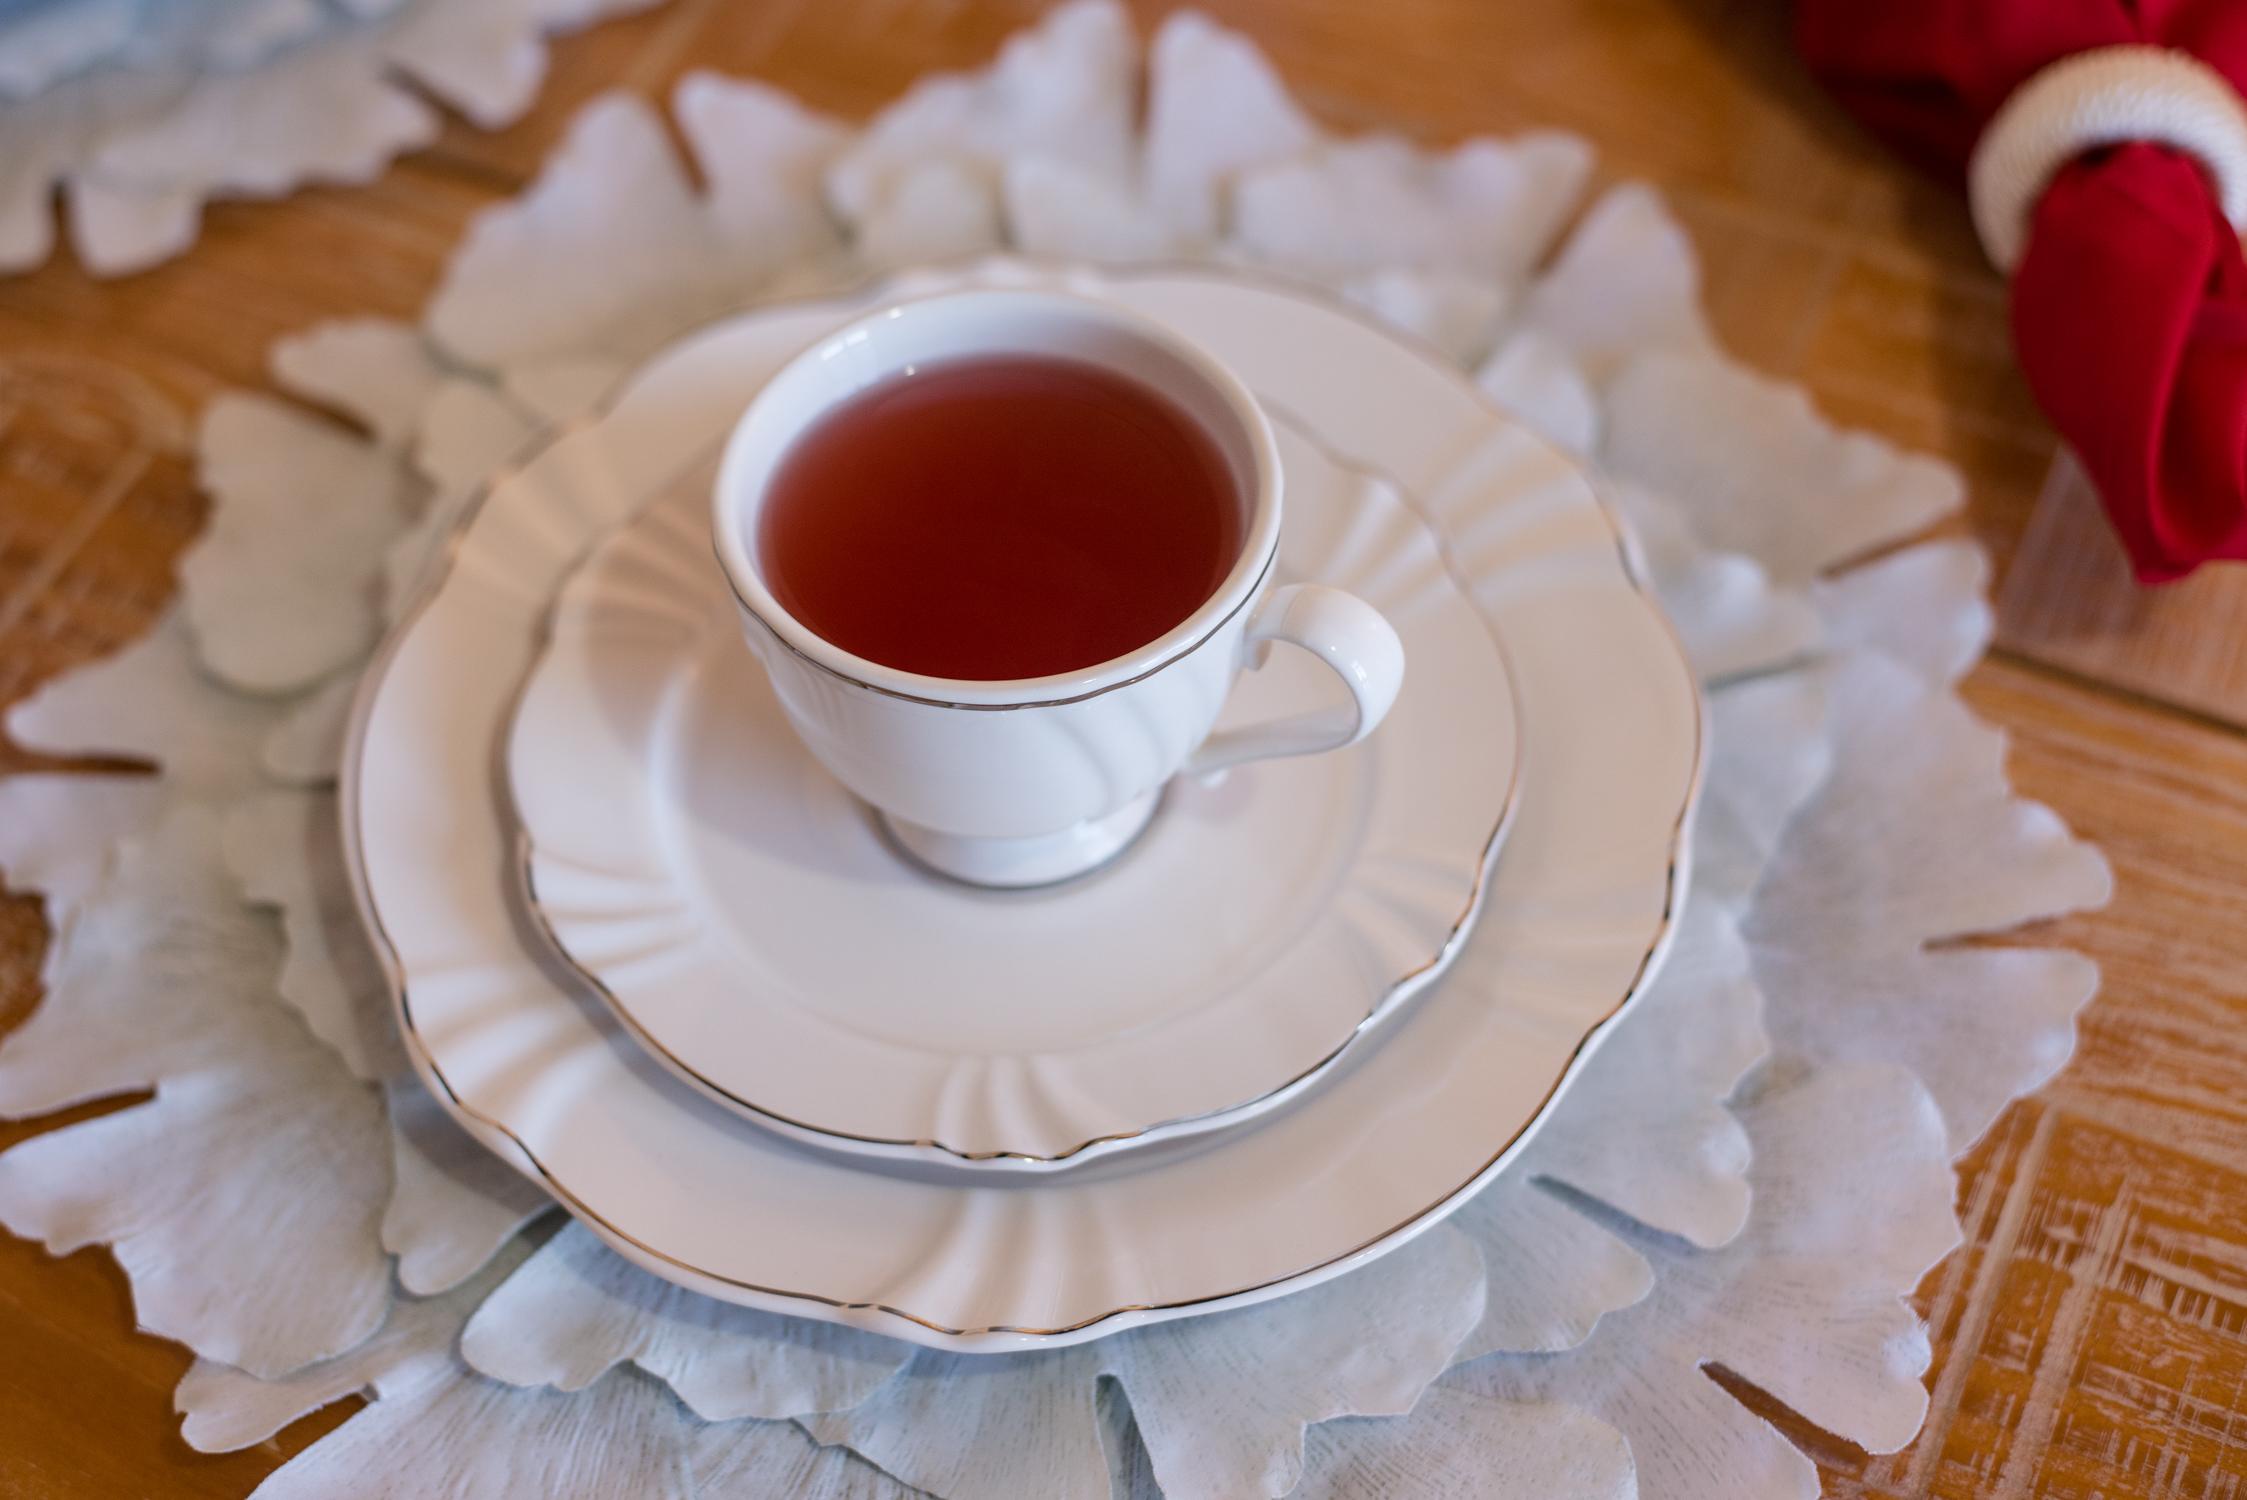 Chá servido na xícara da coleção Soleil Katherine, da linha Oxford Porcelanas. Foto: Karla Rudnick